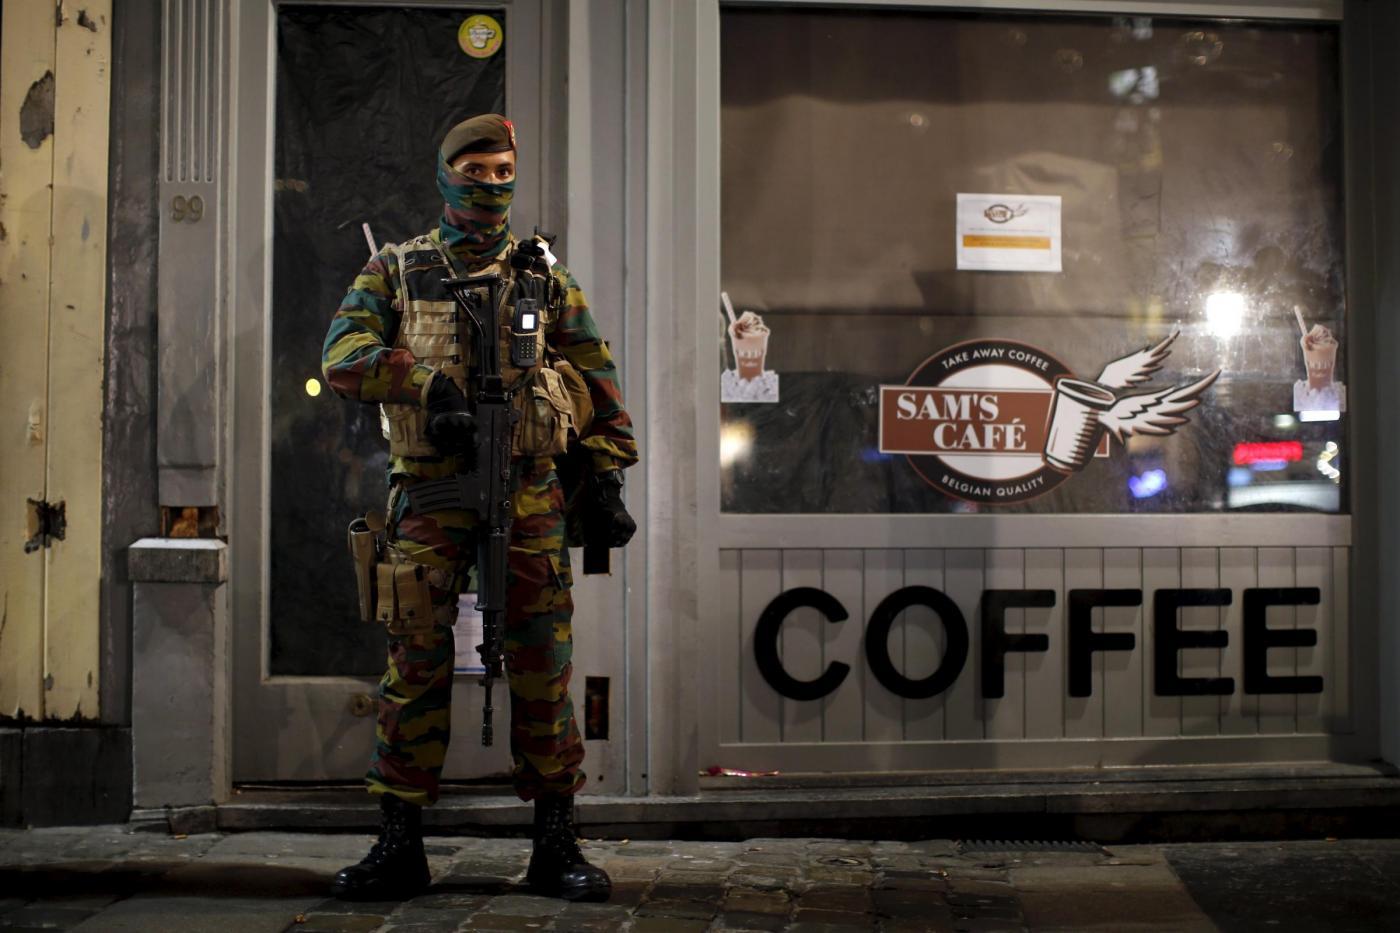 Terrorismo, allerta mondiale per i viaggi lanciata dagli Usa